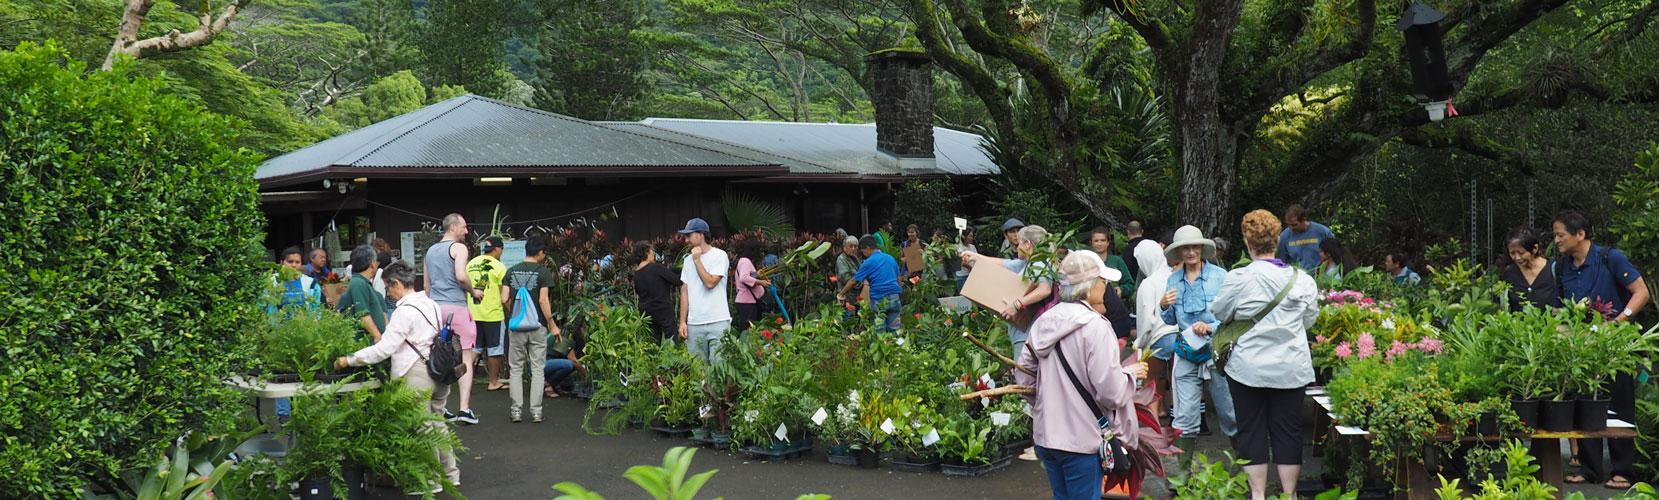 People buying plants